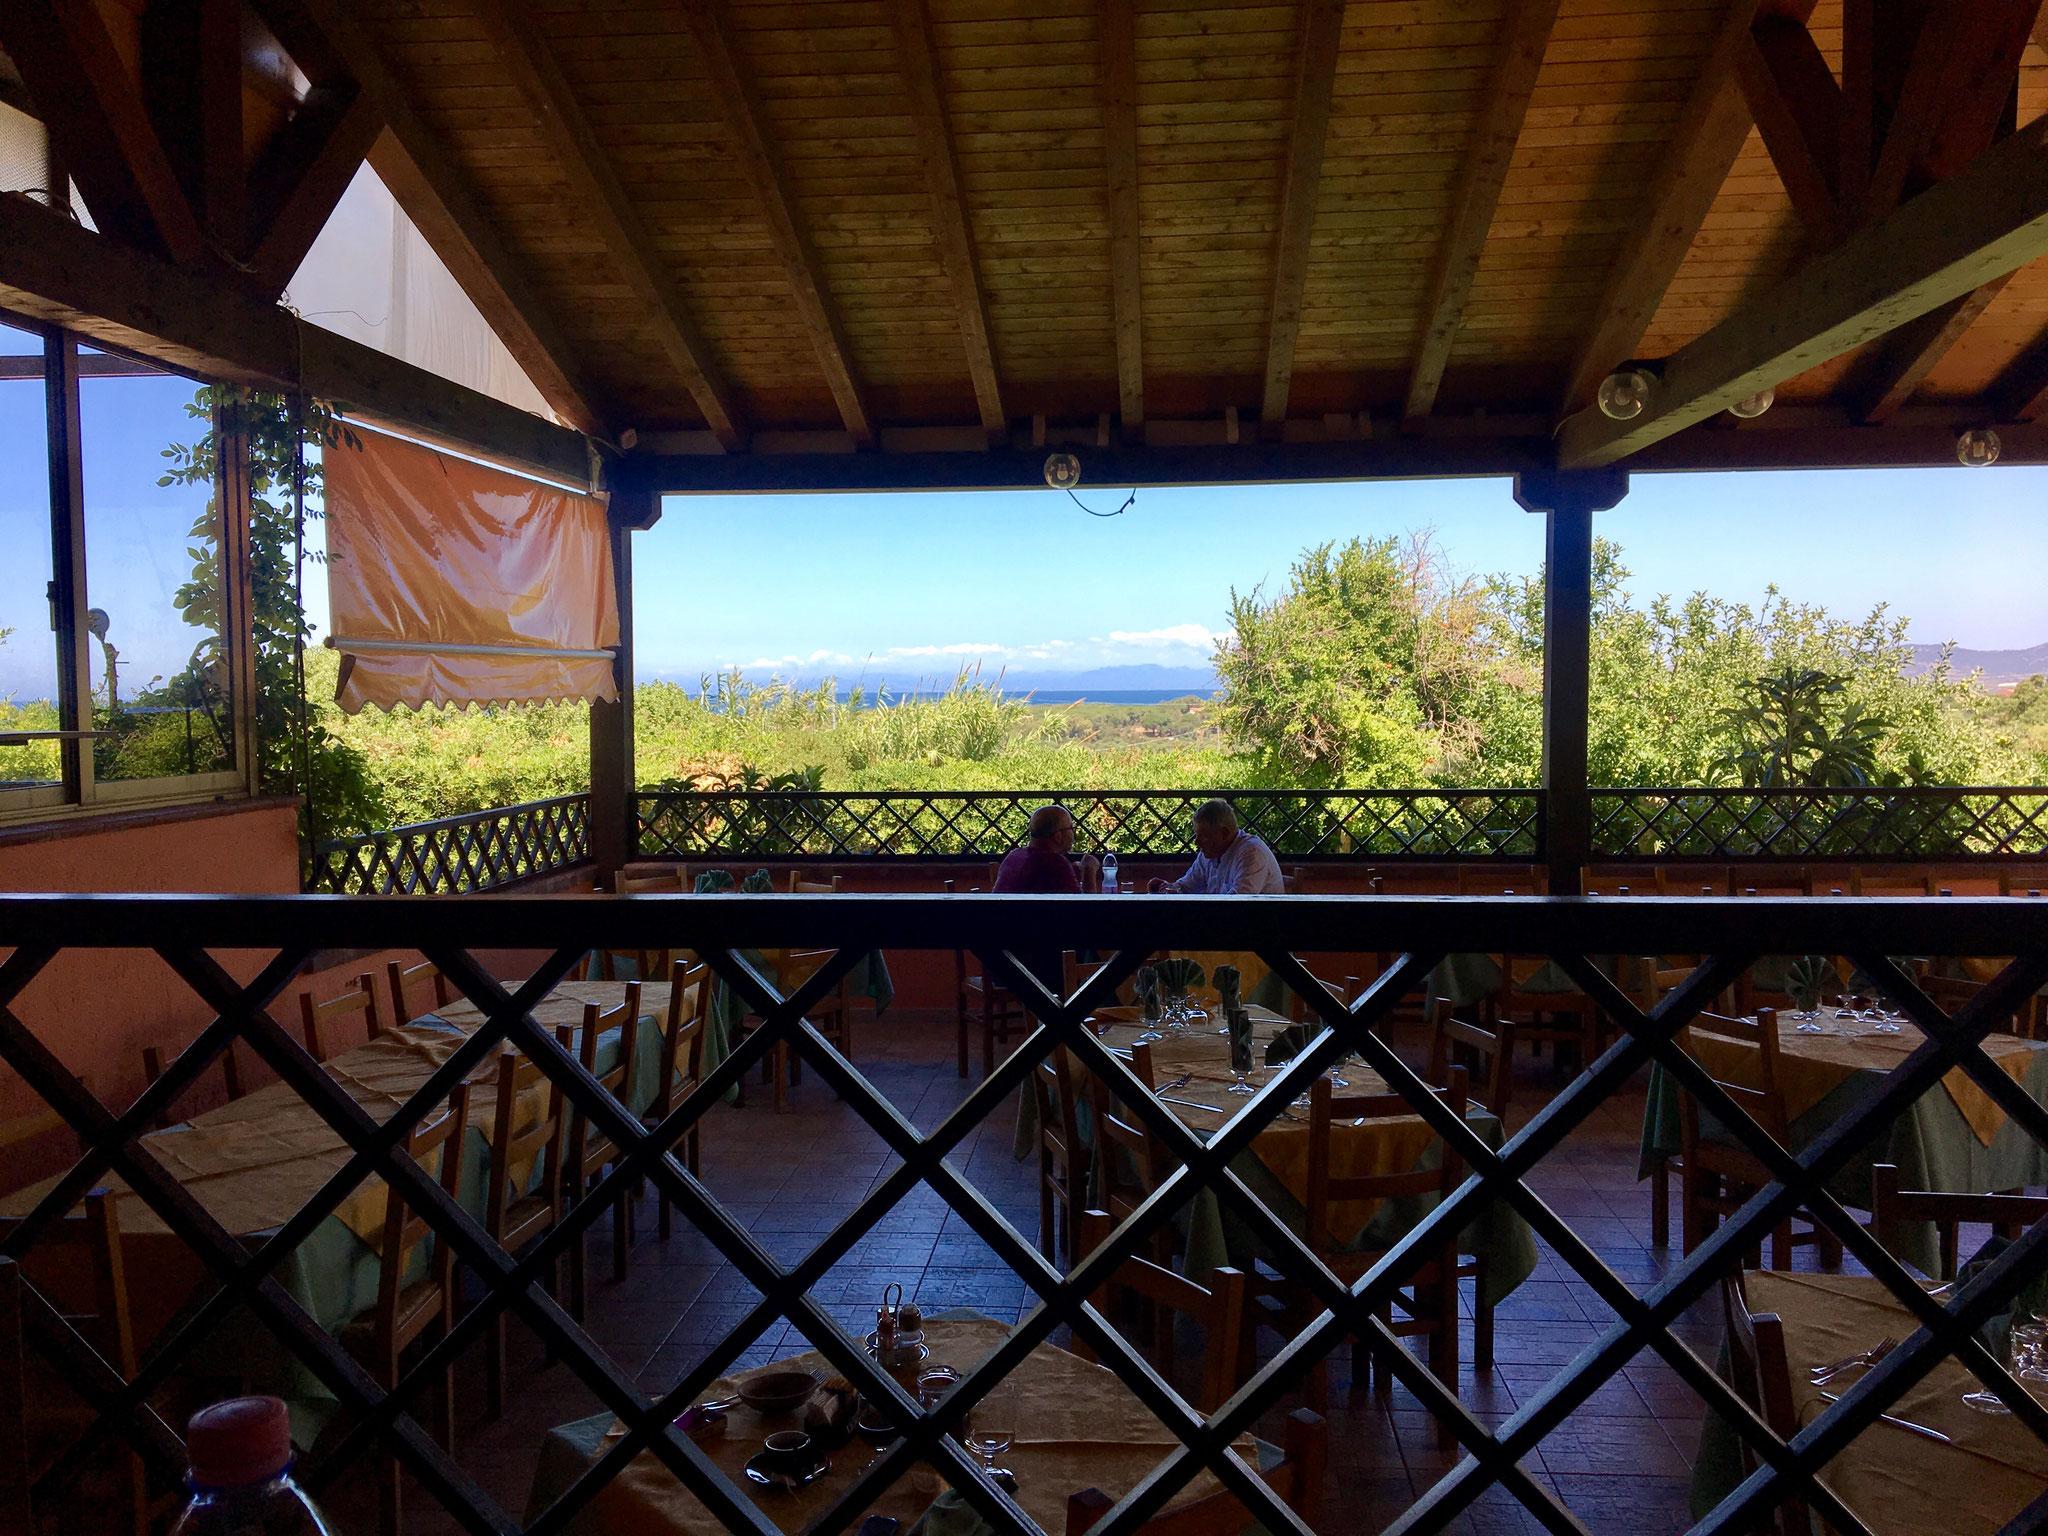 La Vela Hotel Terrace near Valledoria